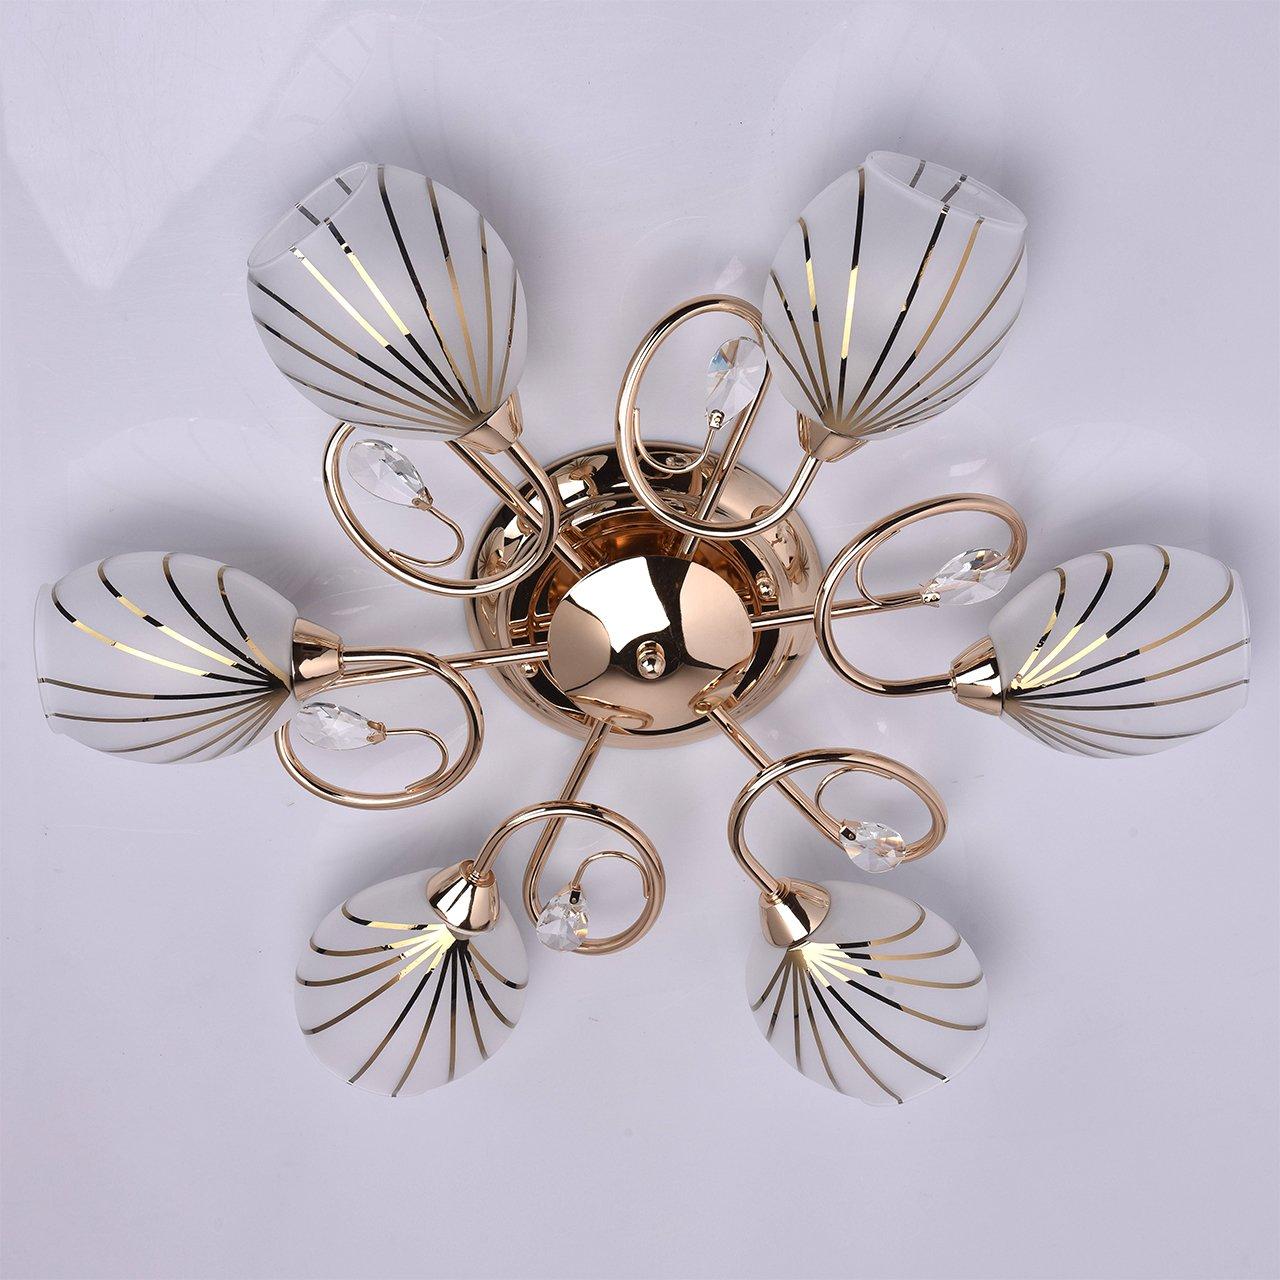 DeMarkt 267012803 Lampada da Soffitto Basso Moderna Colore Oro Lucido Decorato con Cristallo